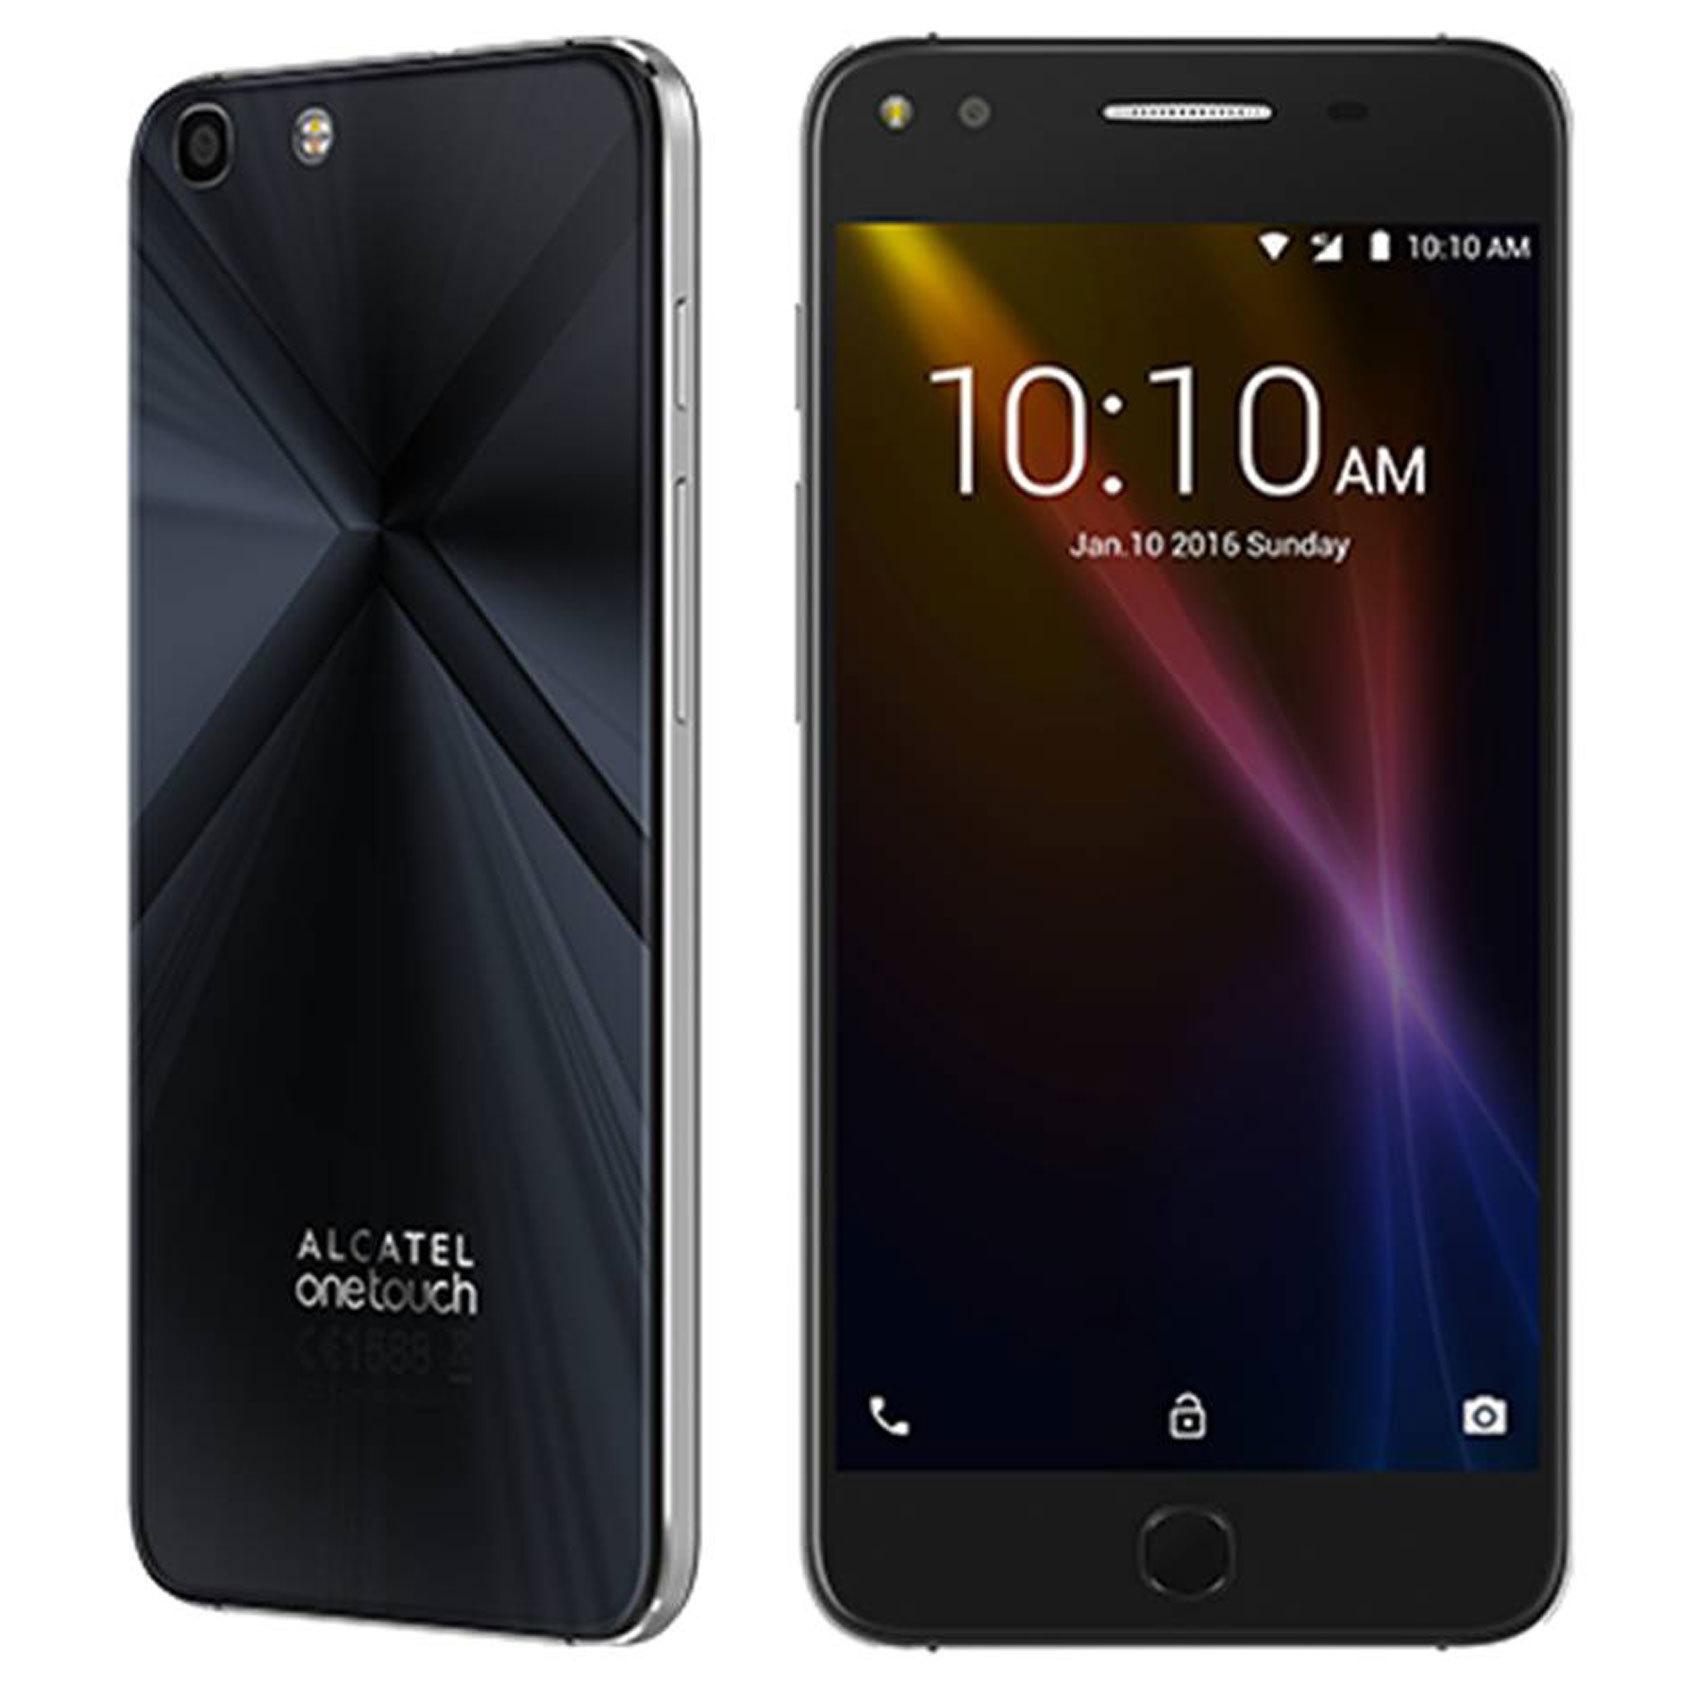 ALCATEL 7053D X1 16GB DS 4G BLACK